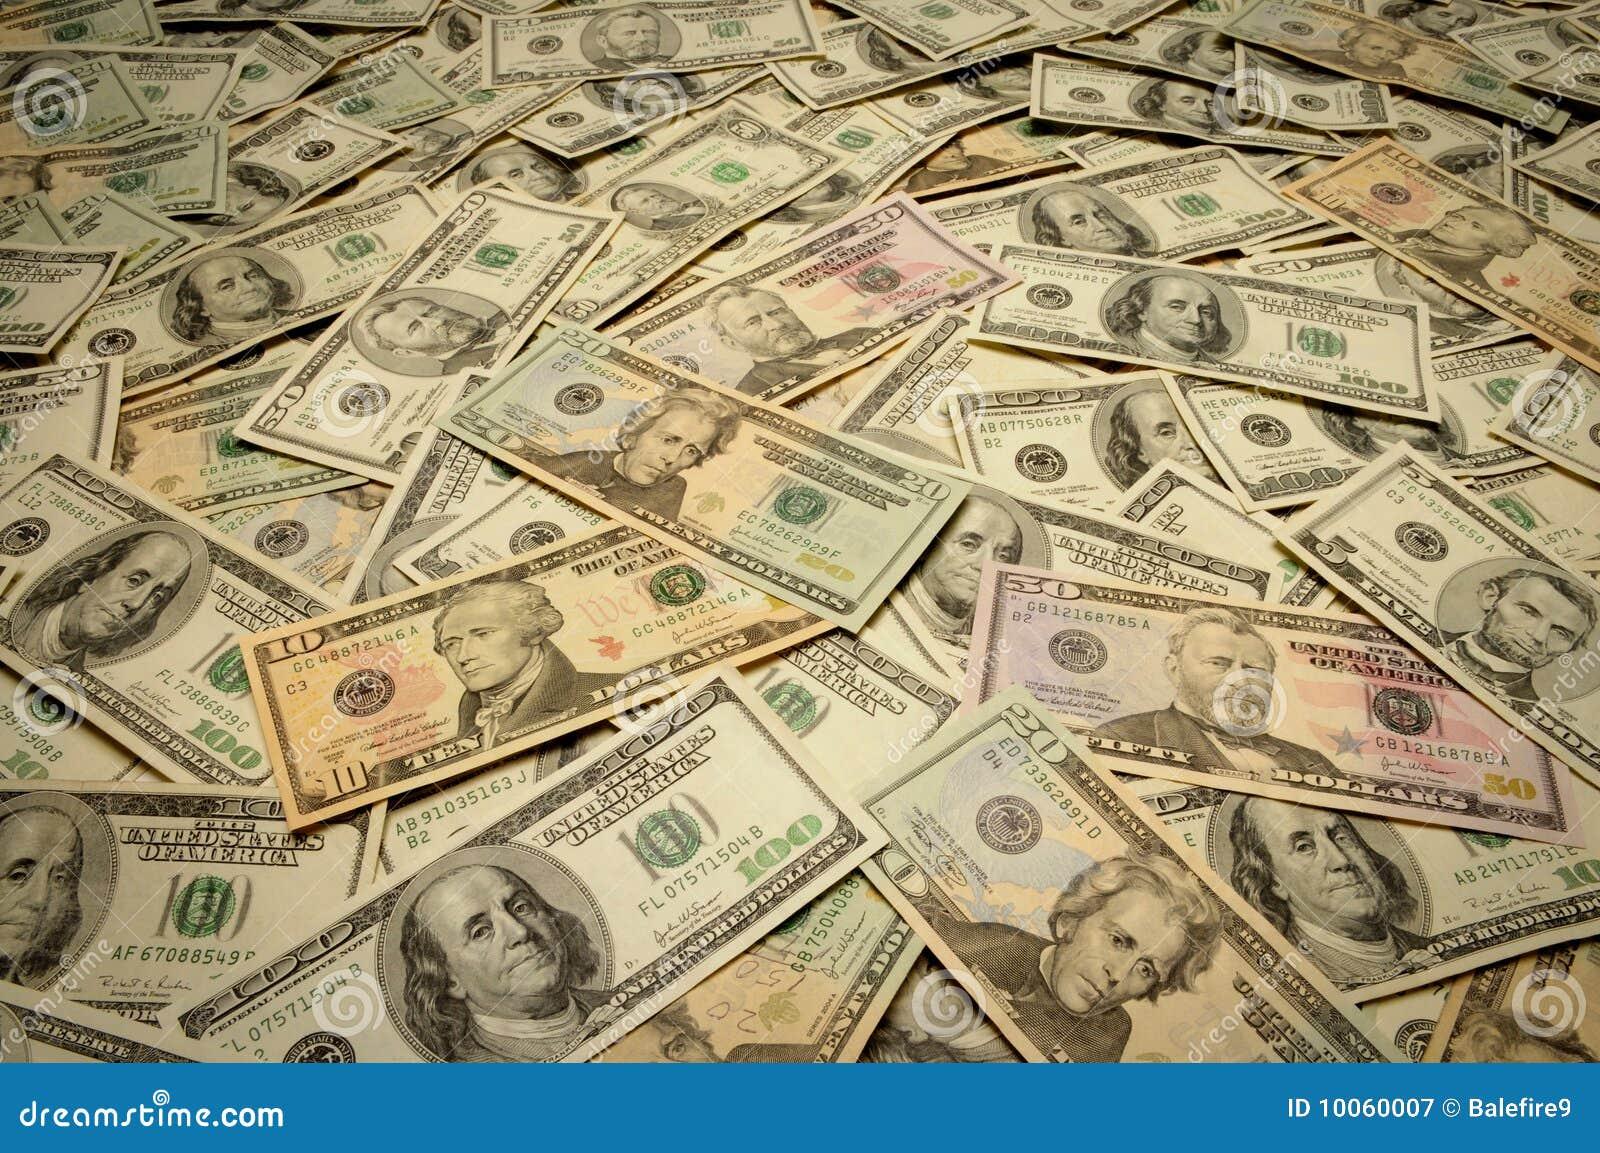 Notas de banco americanas de várias denominações